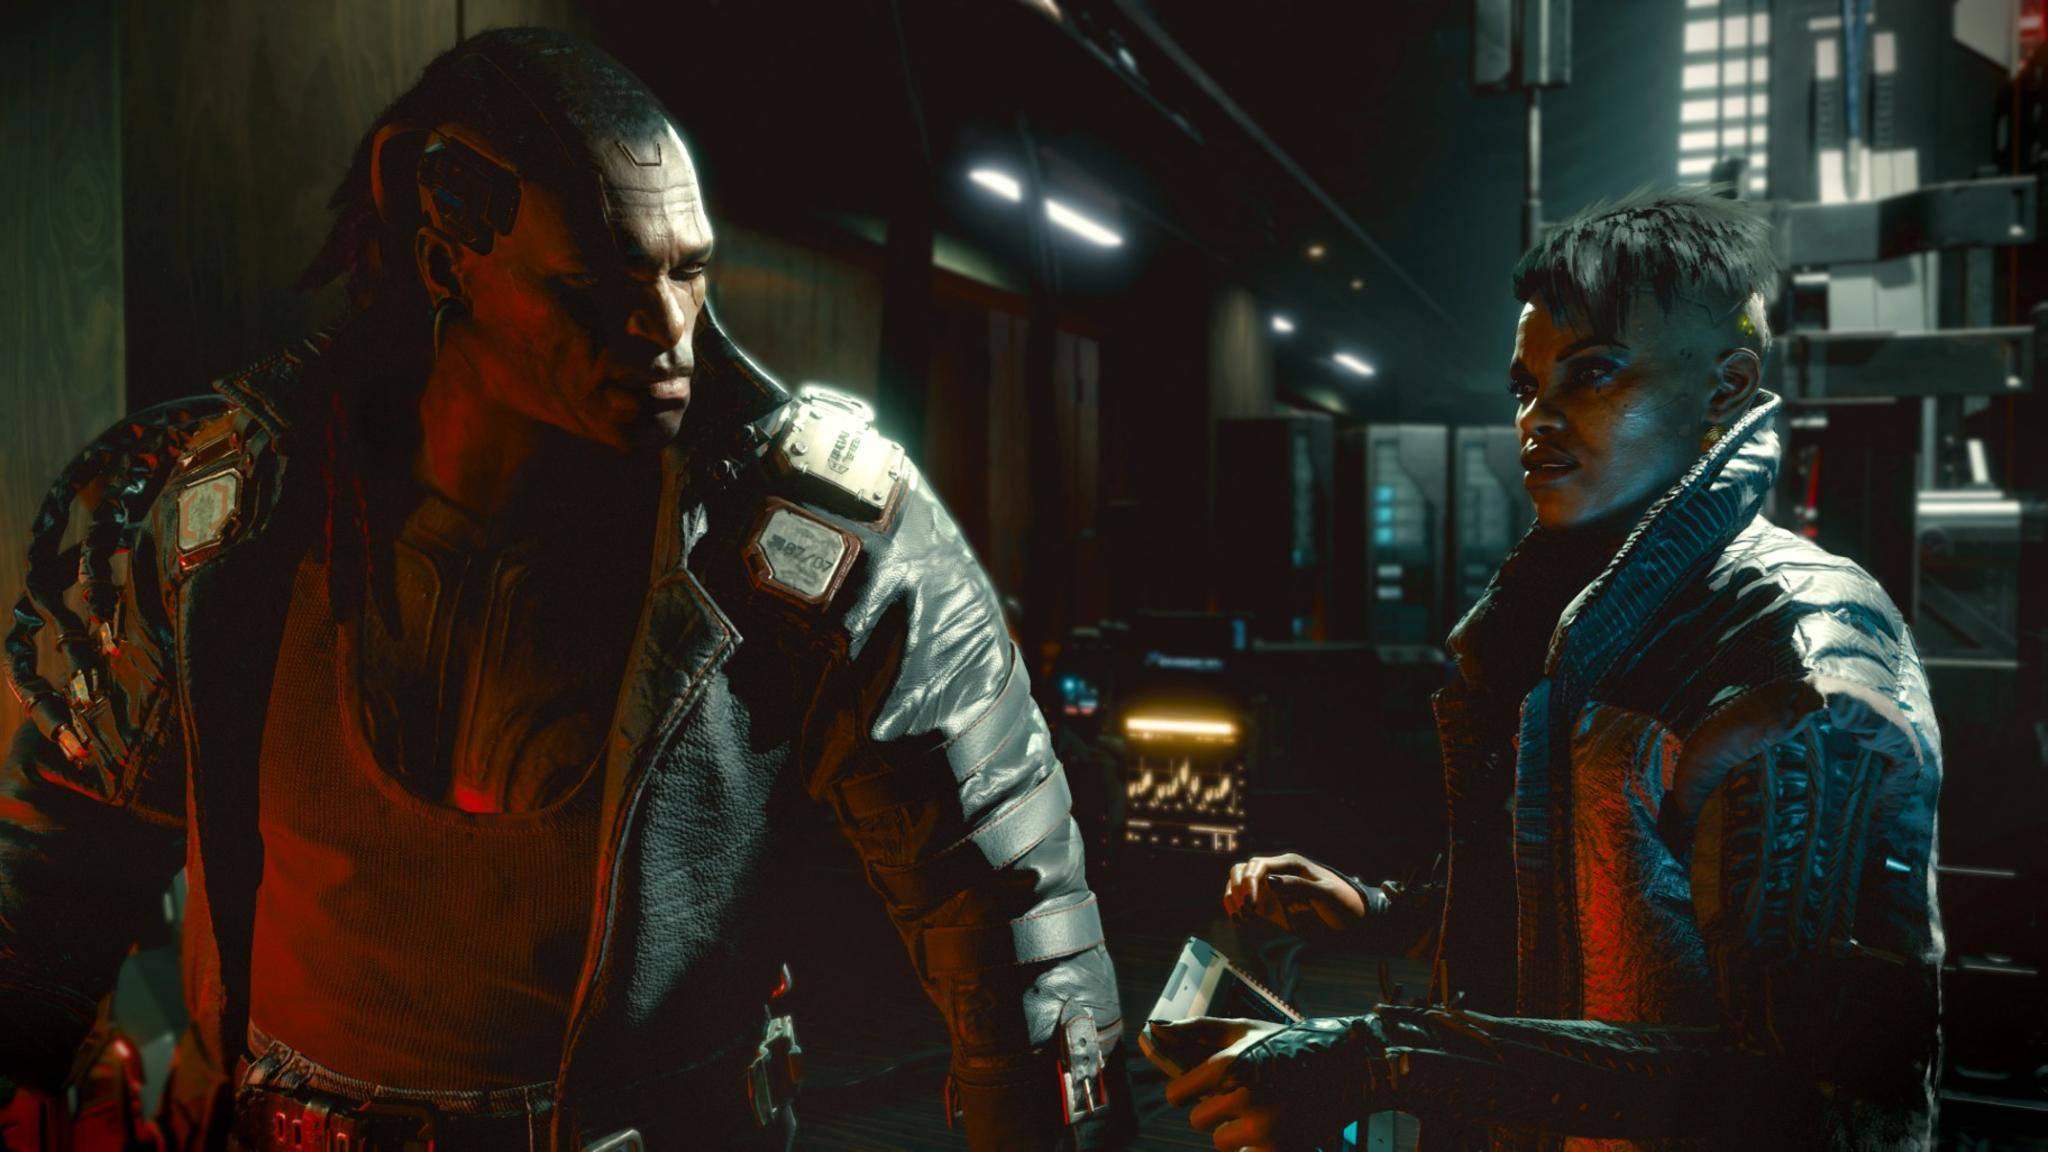 """Schade, aber nachvollziehbar: Vorerst gibt's keine Neuigkeiten zu """"Cyberpunk 2077""""."""